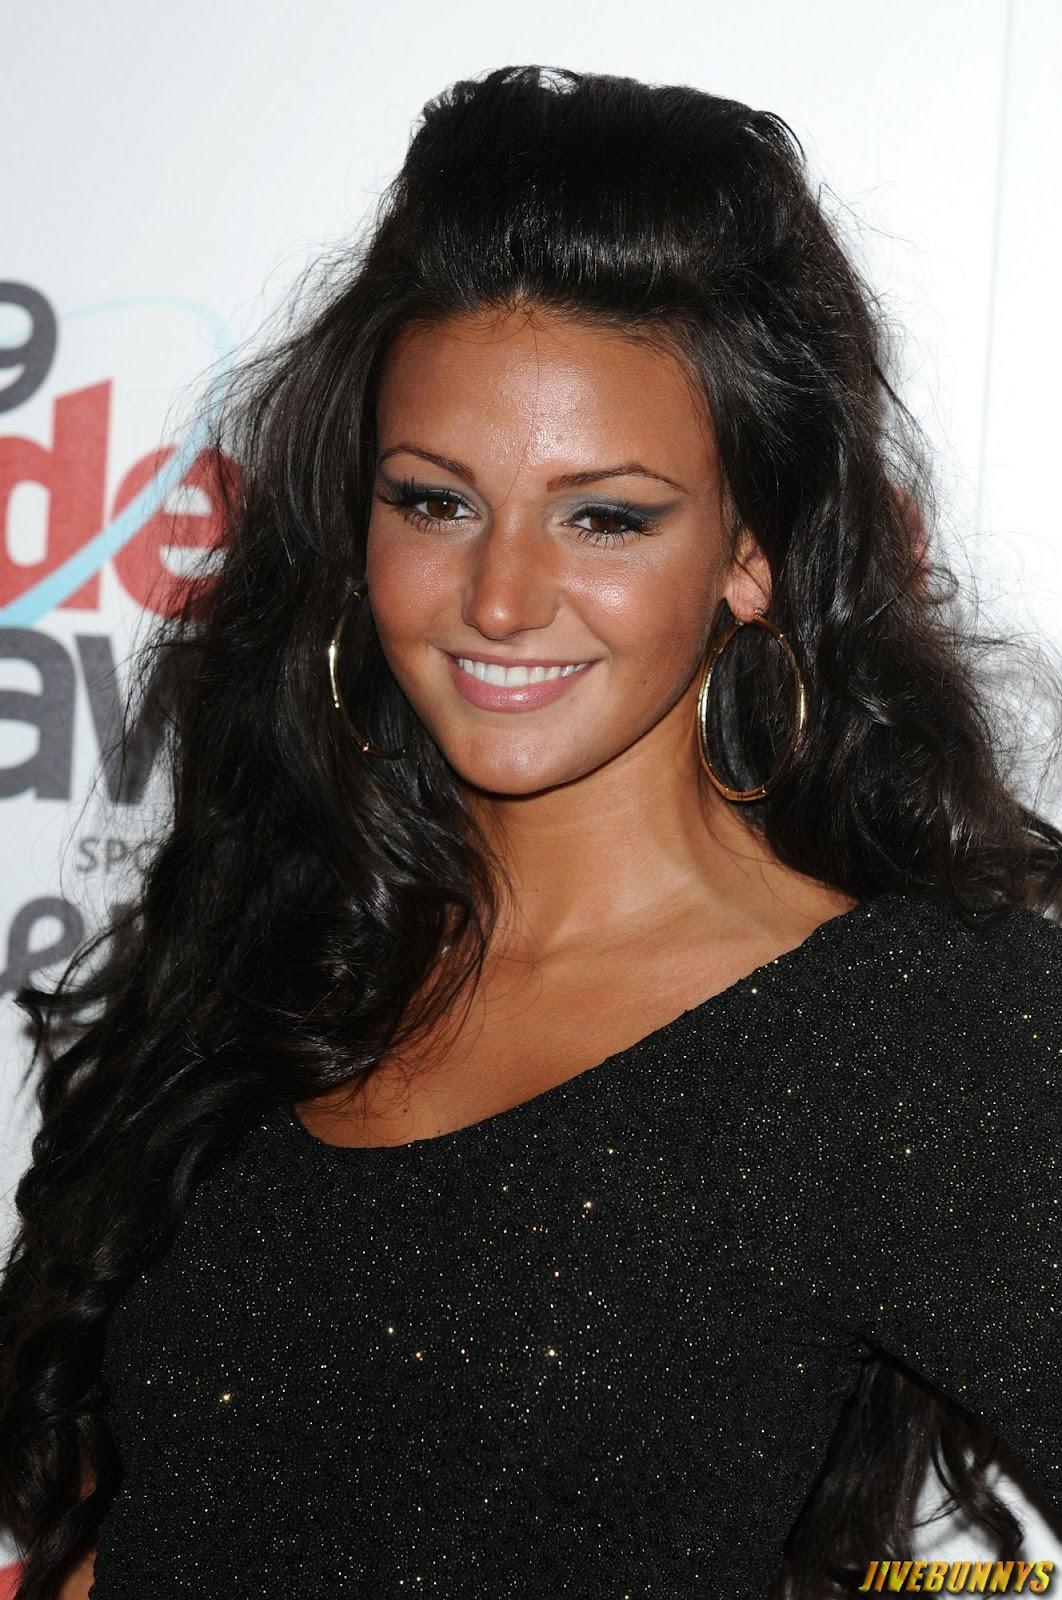 michelle keegan soap actress photos gallery 1